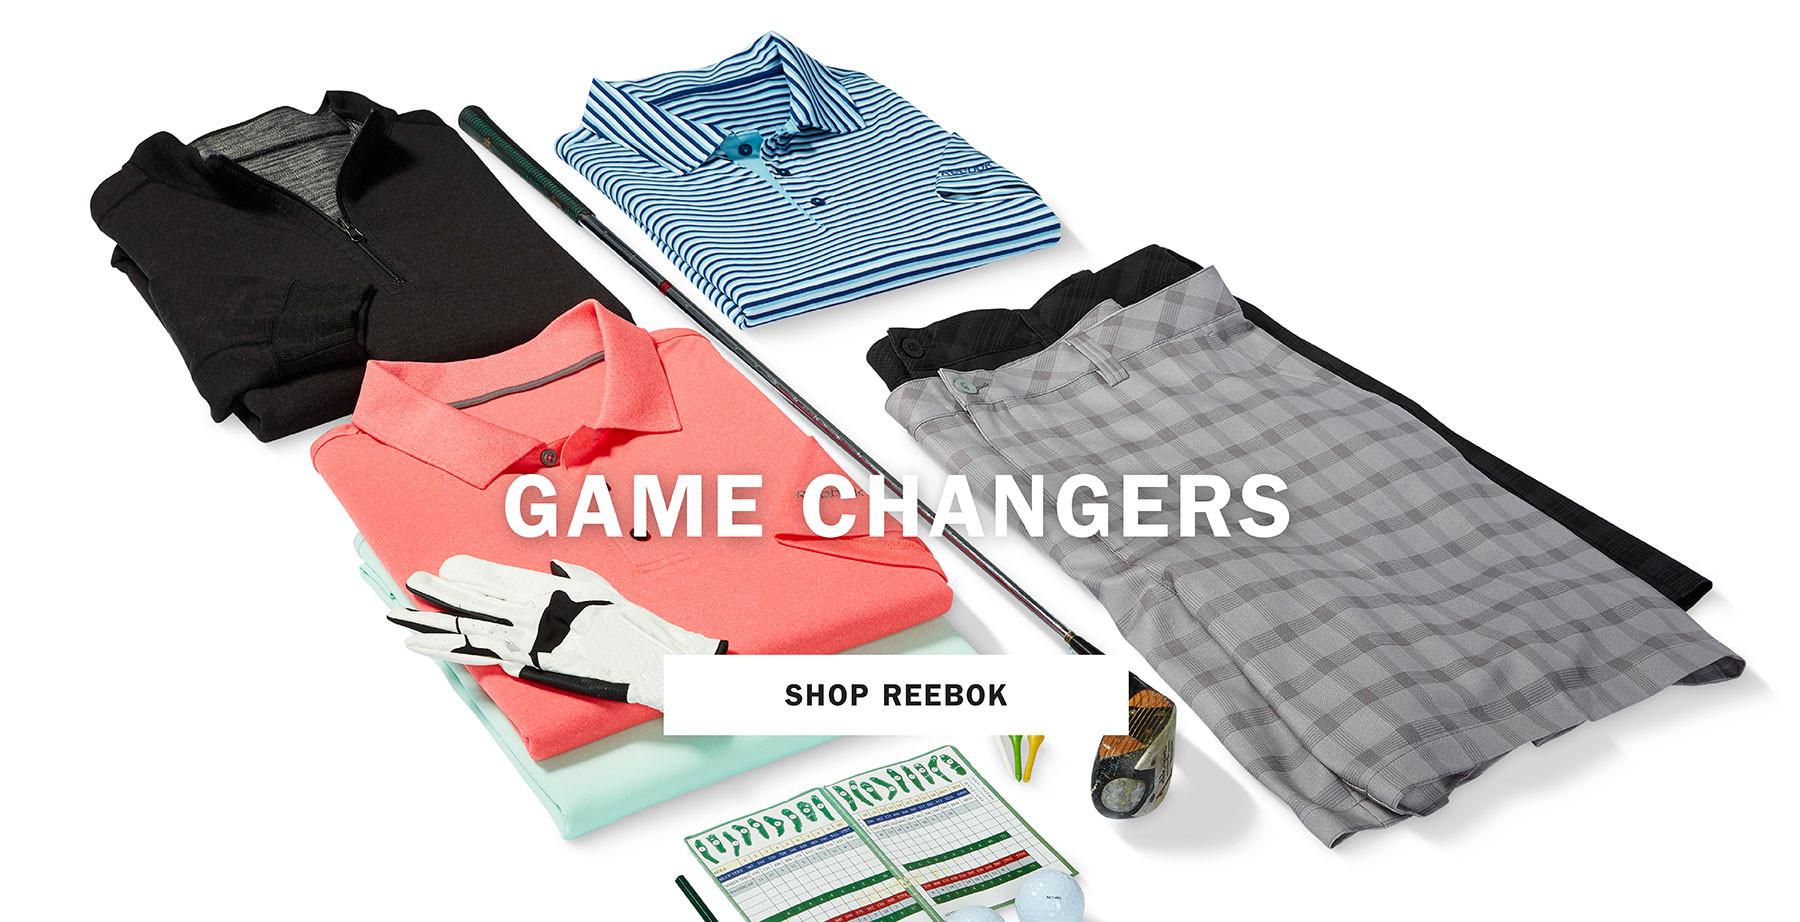 GAME CHANGERS | SHOP REEBOK